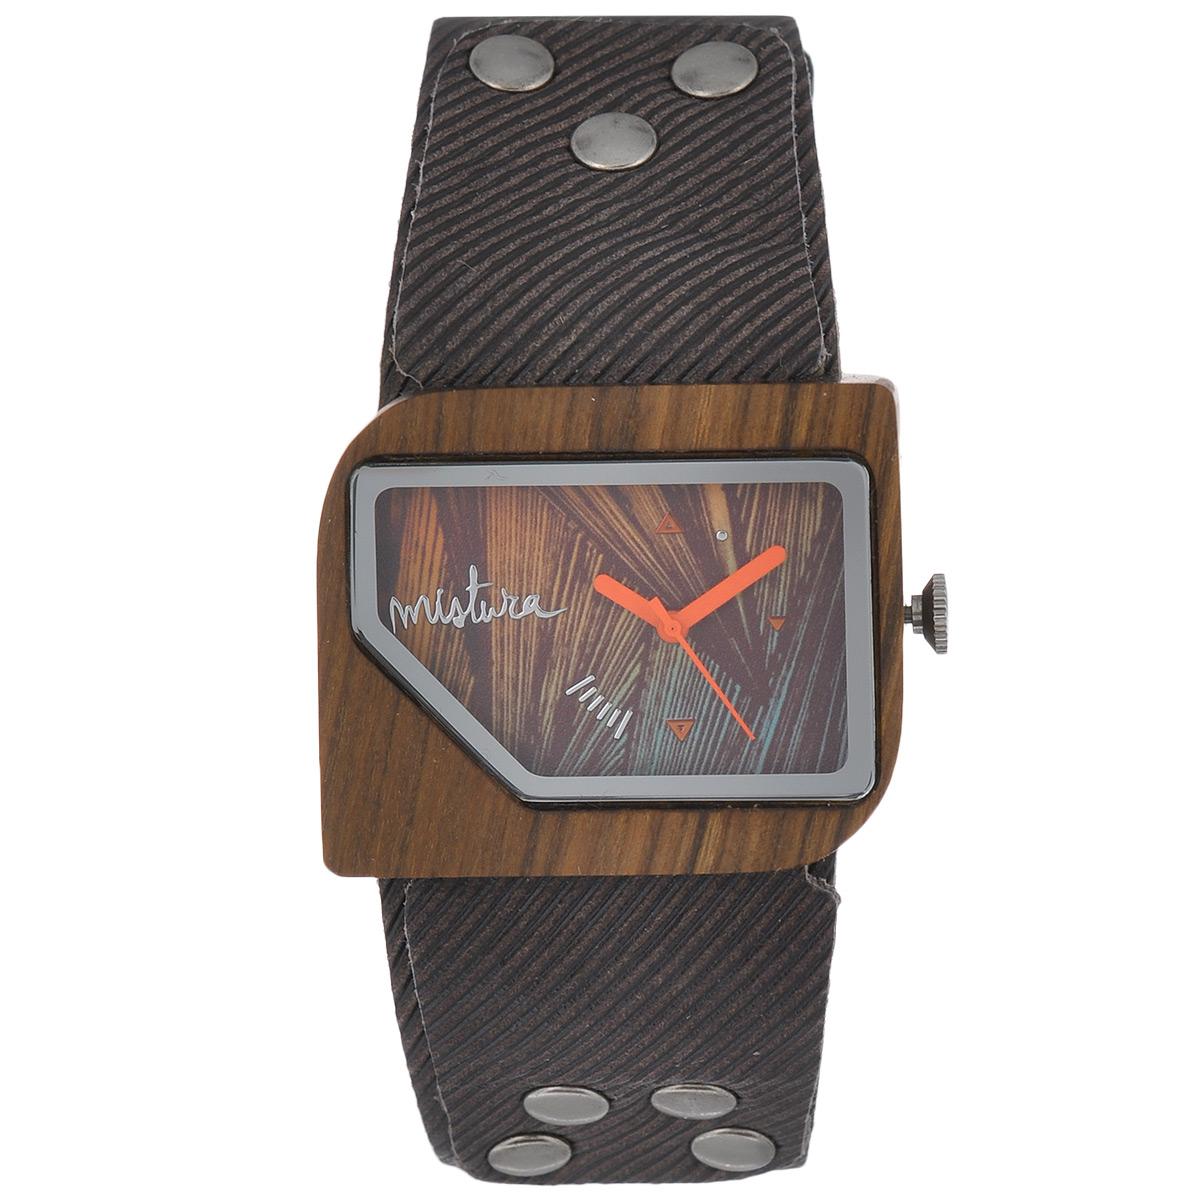 Часы наручные женские Mistura Pellicano: Coffee Jean/Malibu Orange. TP09004CJPUMOWDTP09004CJPUMOWDНаручные часы Mistura благодаря своему эксклюзивному дизайну позволят вам выделиться из толпы и подчеркнуть свою индивидуальность. Для изготовления корпуса часов используется древесина тропических лесов Колумбии с применением индивидуальных методов ее обработки. Дизайн выполняется вручную. Часы оснащены японским кварцевым механизмом Miyota (Япония). Ремешок из натуральной кожи, декорирован металлическими заклепками, застегивается на классическую застежку с деревянным язычком. Корпус часов изготовлен из дерева. Циферблат защищен минеральным стеклом. Изделие упаковано в фирменную коробку с логотипом компании Mistura. Часы марки Mistura идеально подходят молодым и уверенным в себе людям, ценящим качество, практичность и индивидуальность в каждой детали. Каждая модель оснащена оригинальным дизайнерским корпусом, а также ремешком из натуральной кожи, который можно заменить по вашему желанию. В изделиях используются высокоточные механизмы...